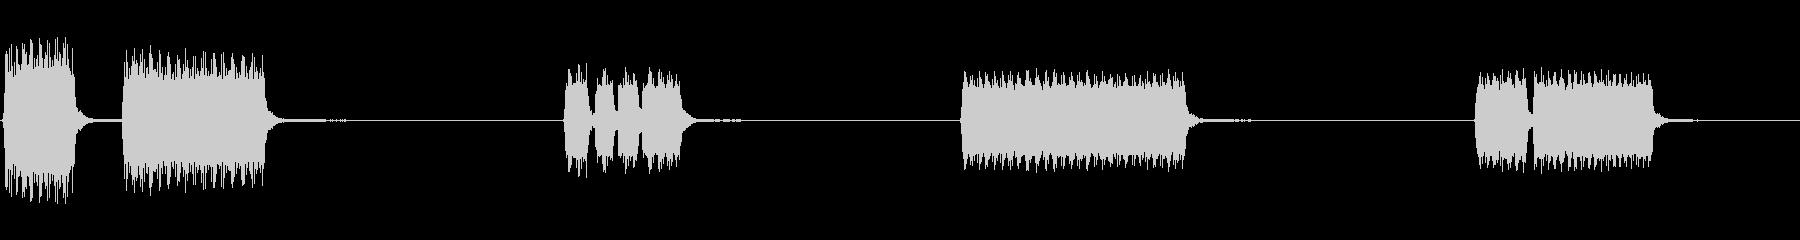 小型パネルトラック:エアホーン、さ...の未再生の波形